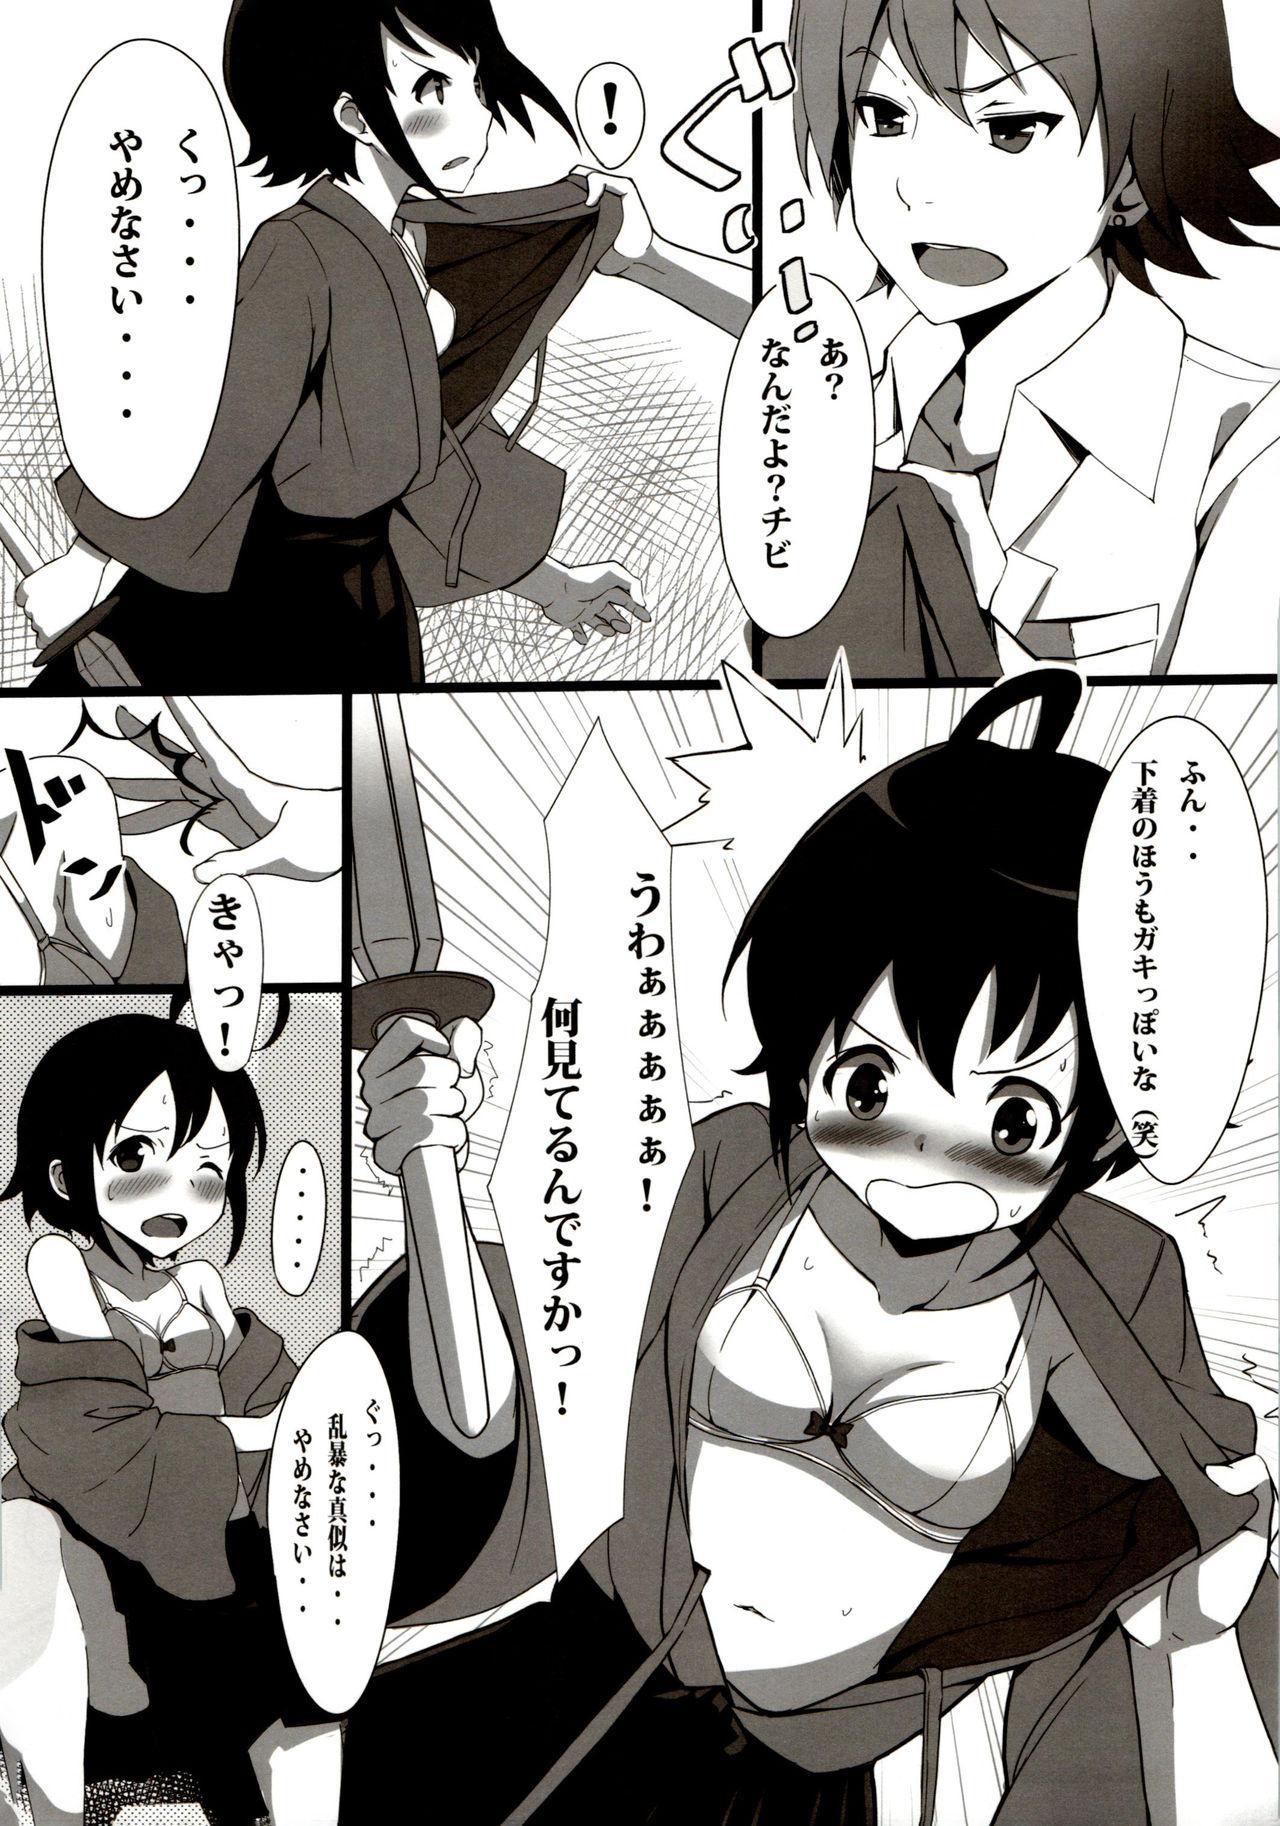 Sessha, Idol Zamurai de Gozaru. 4